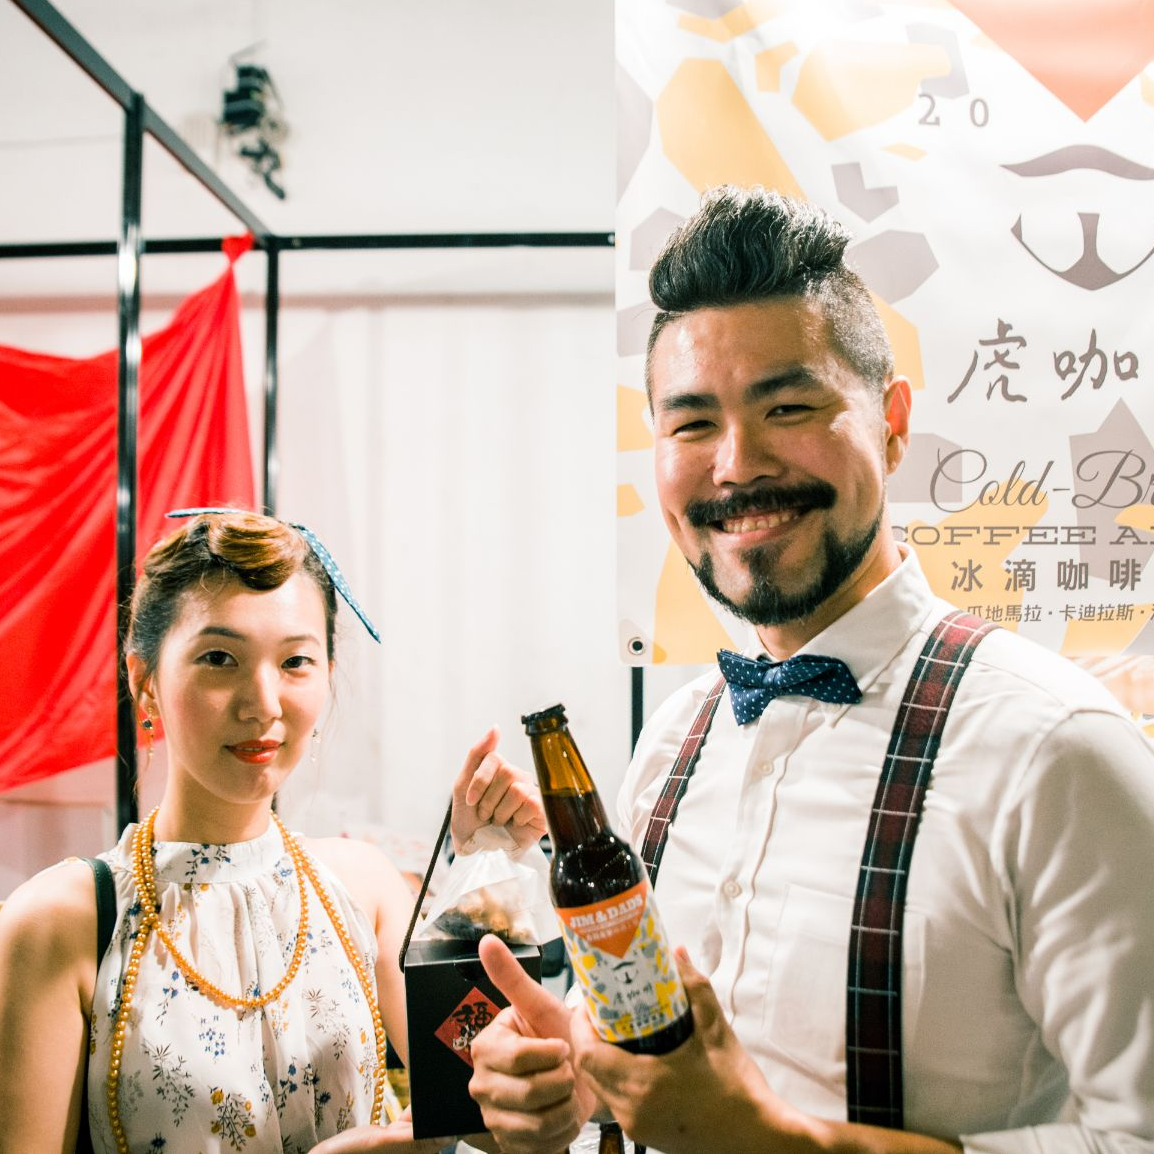 集結超過 100 個來自台灣、香港、澳門的獨立飲食店家!「Flavor Bazaar III 飲食美學市集」初夏登場